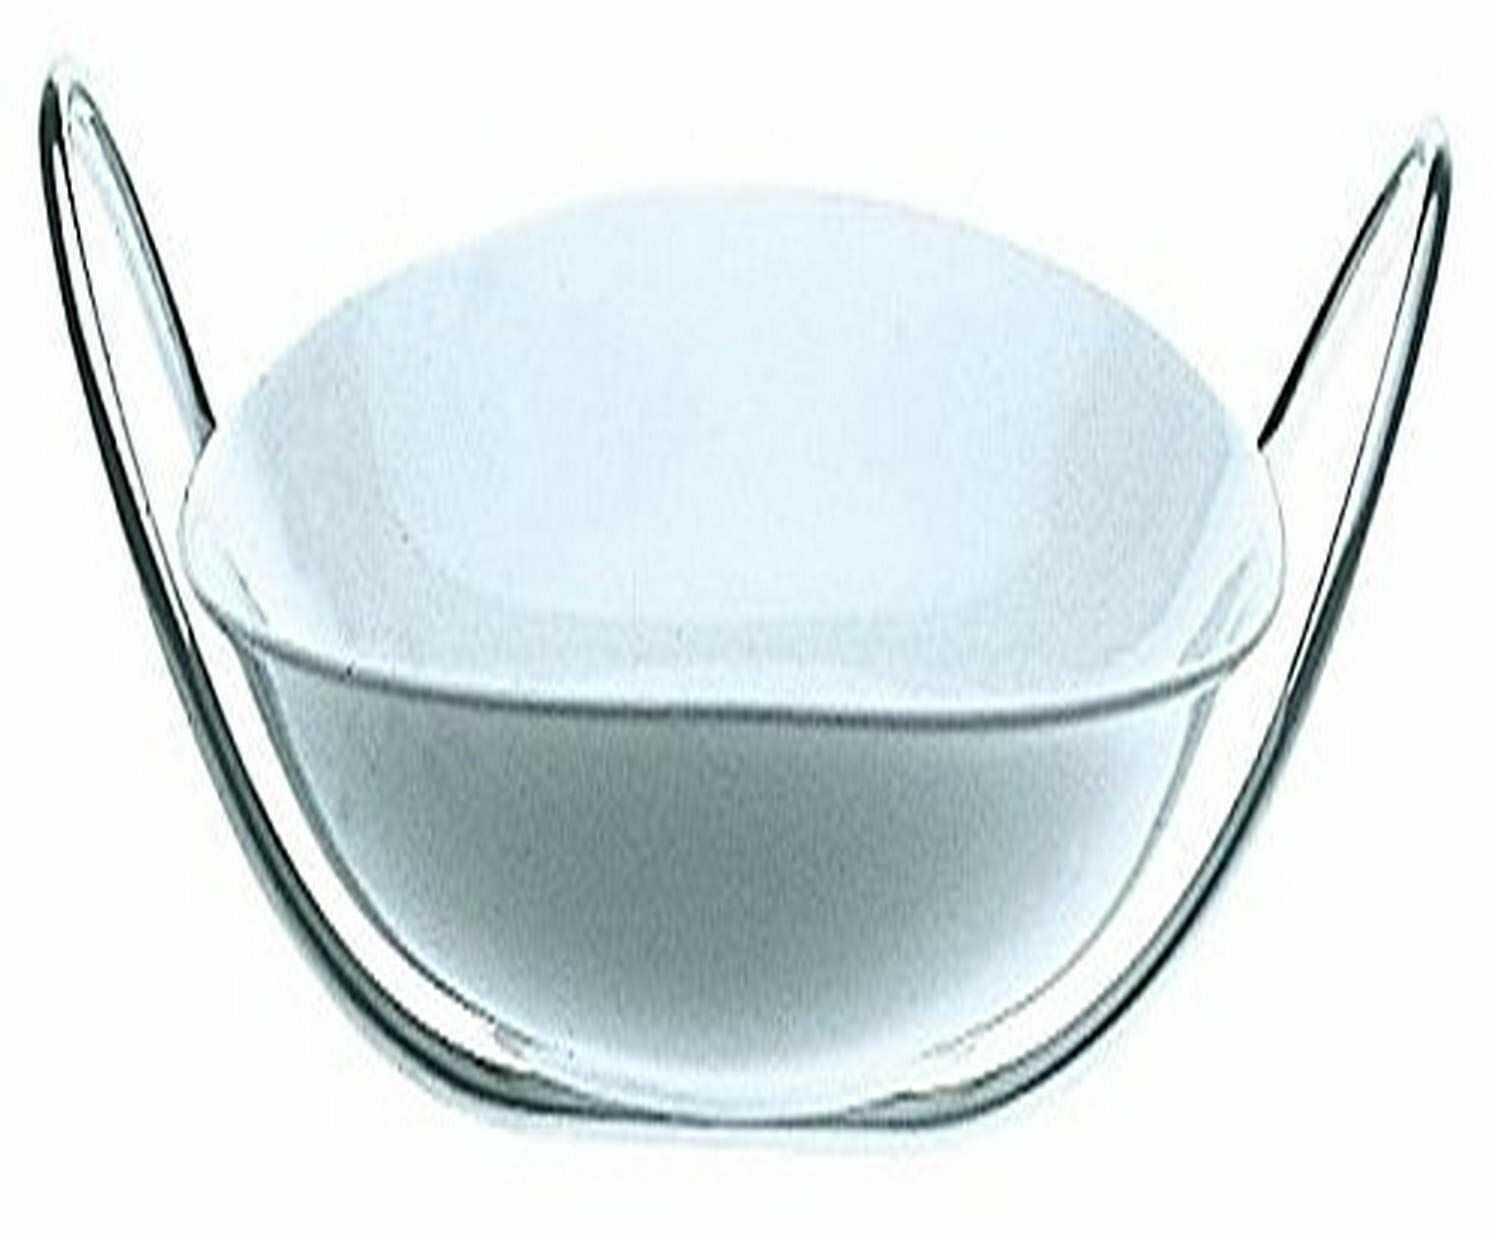 Mepra 29 x 36 cm stal nierdzewna ze względu na drobne chińskie salaterki ze stojakiem, srebrny